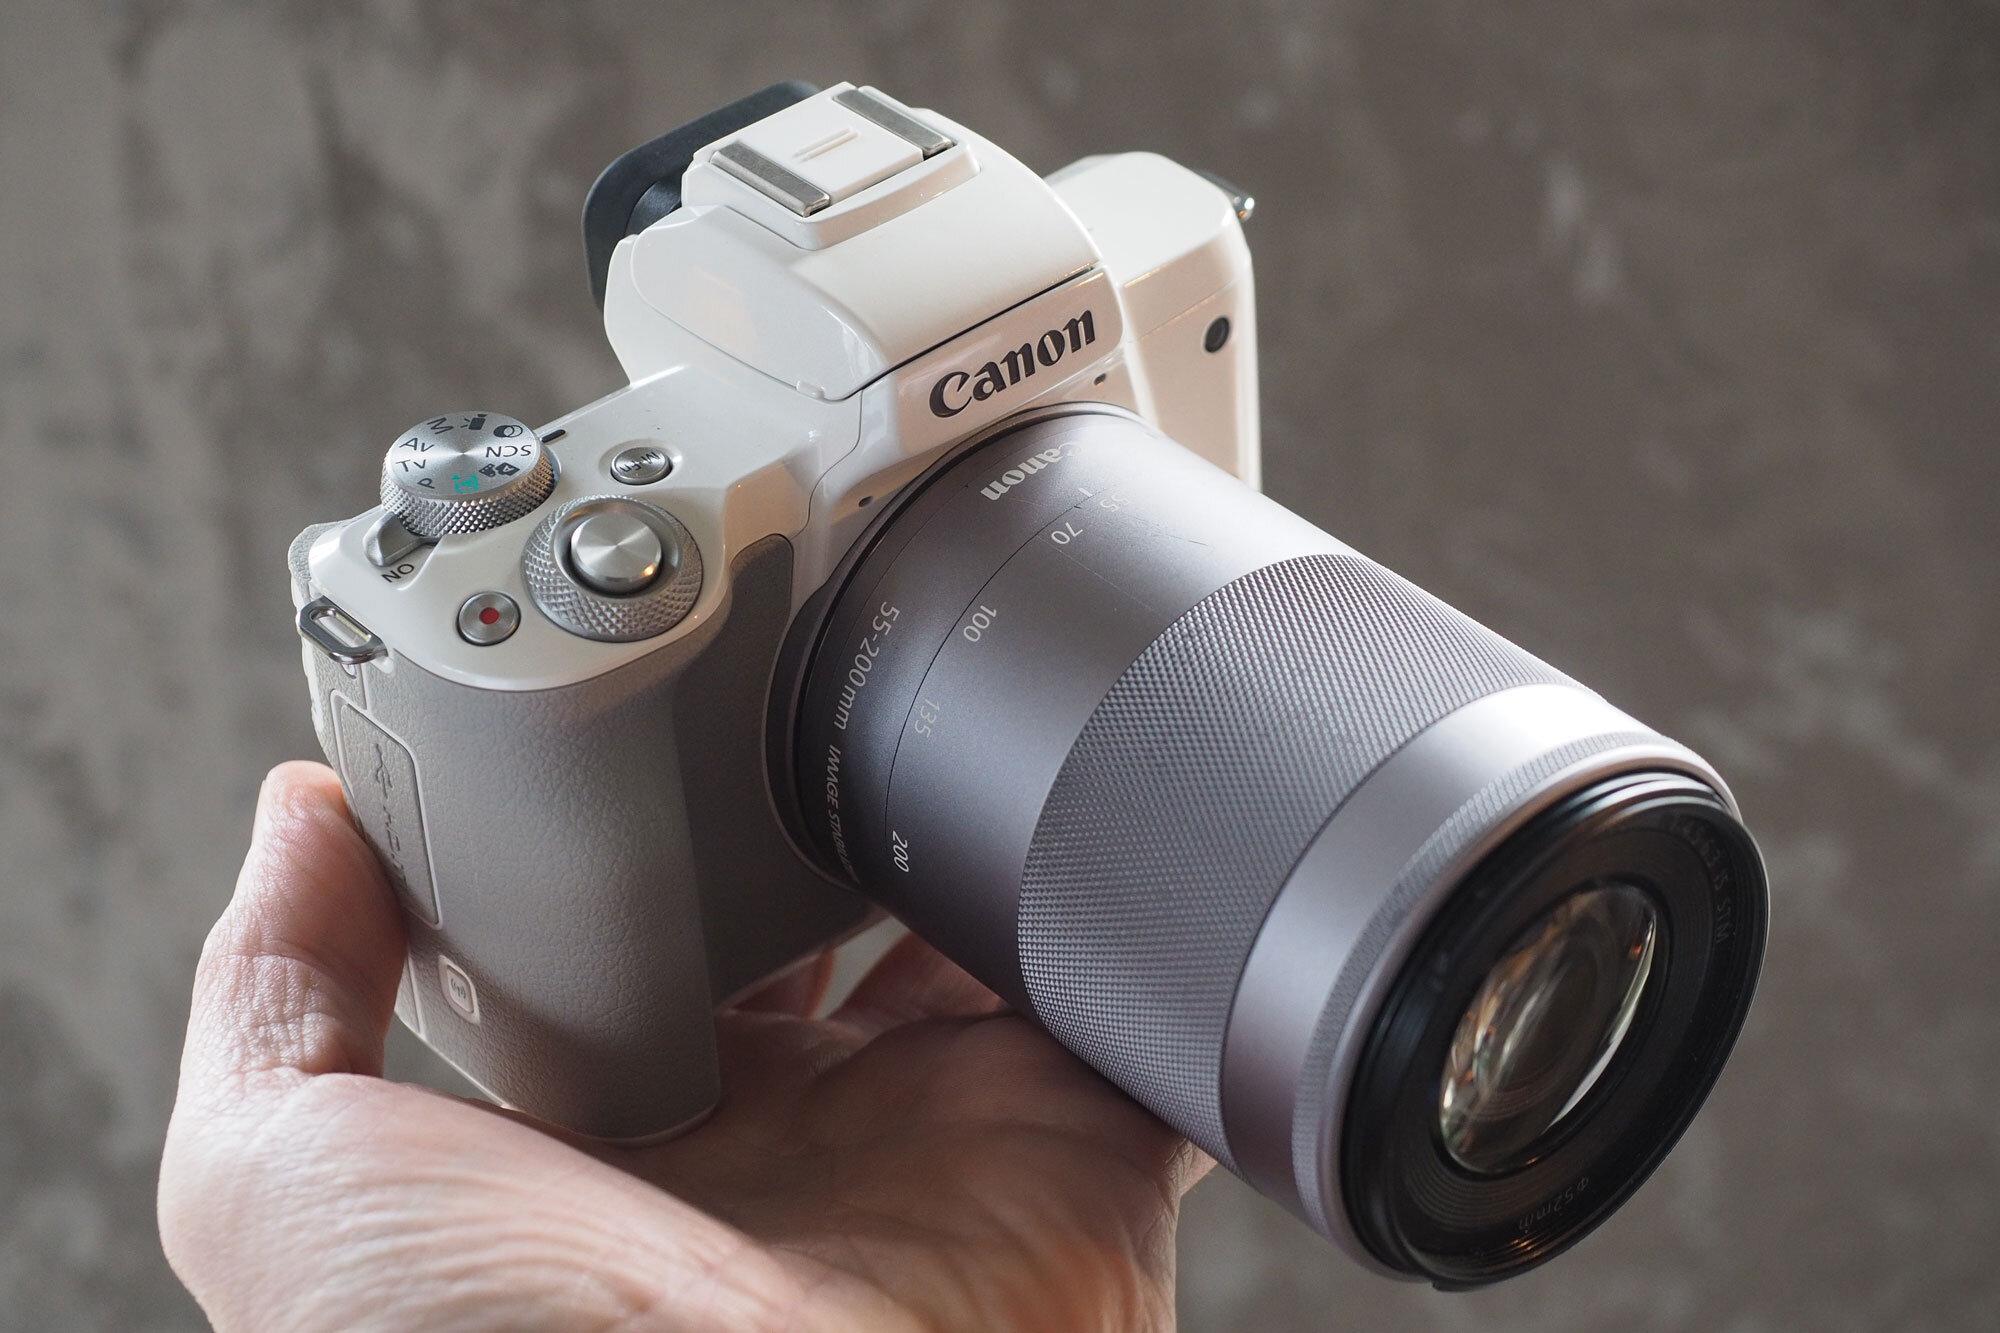 Canon EOS M50 là dòng máy ảnh không gương lật mới nhất của Canon hiện nay